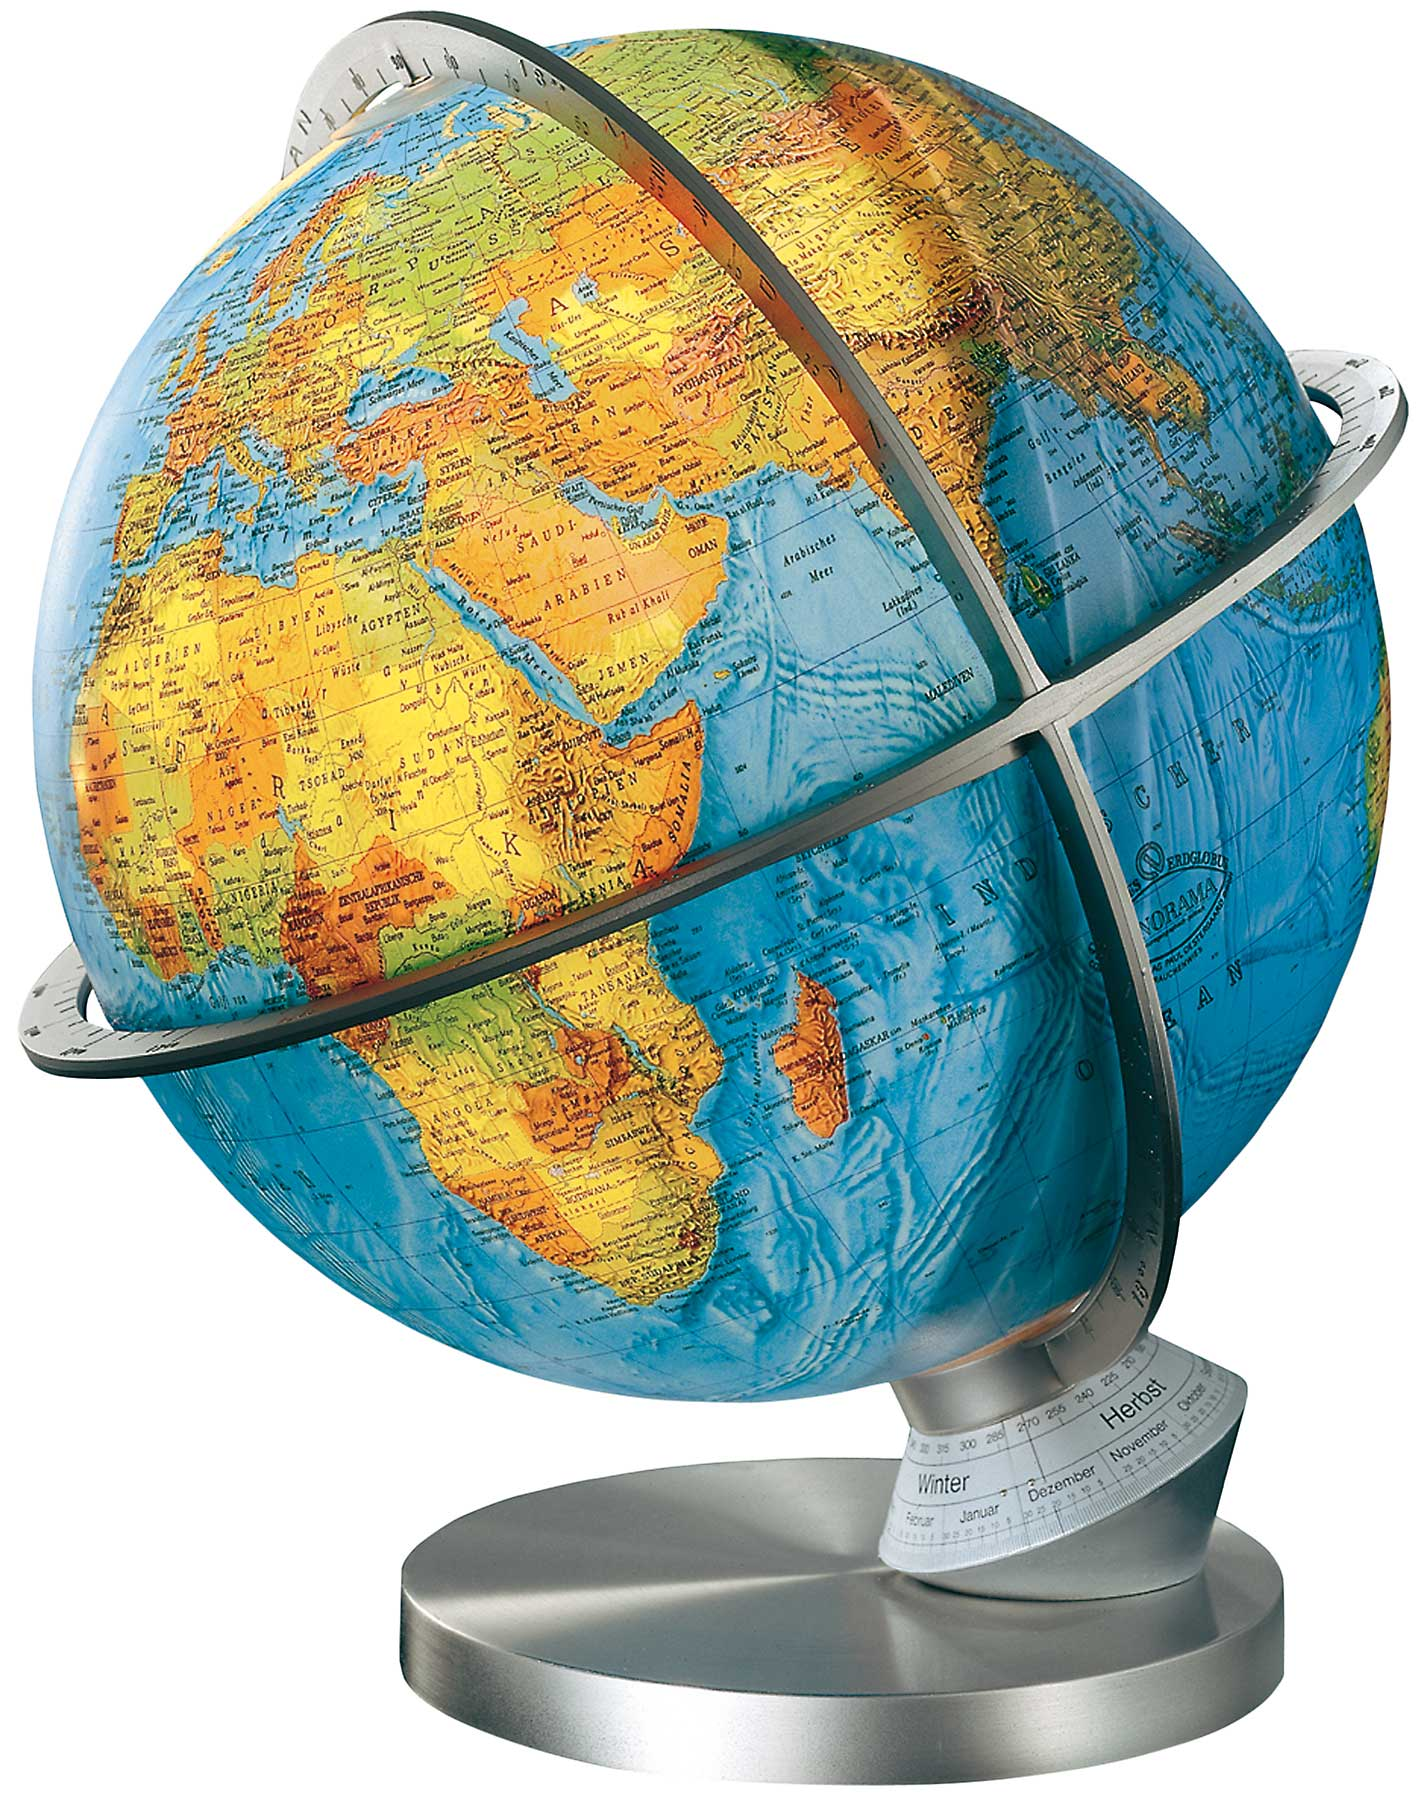 Ausgezeichnet Planet Erde Malvorlagen Bilder - Beispiel Business ...